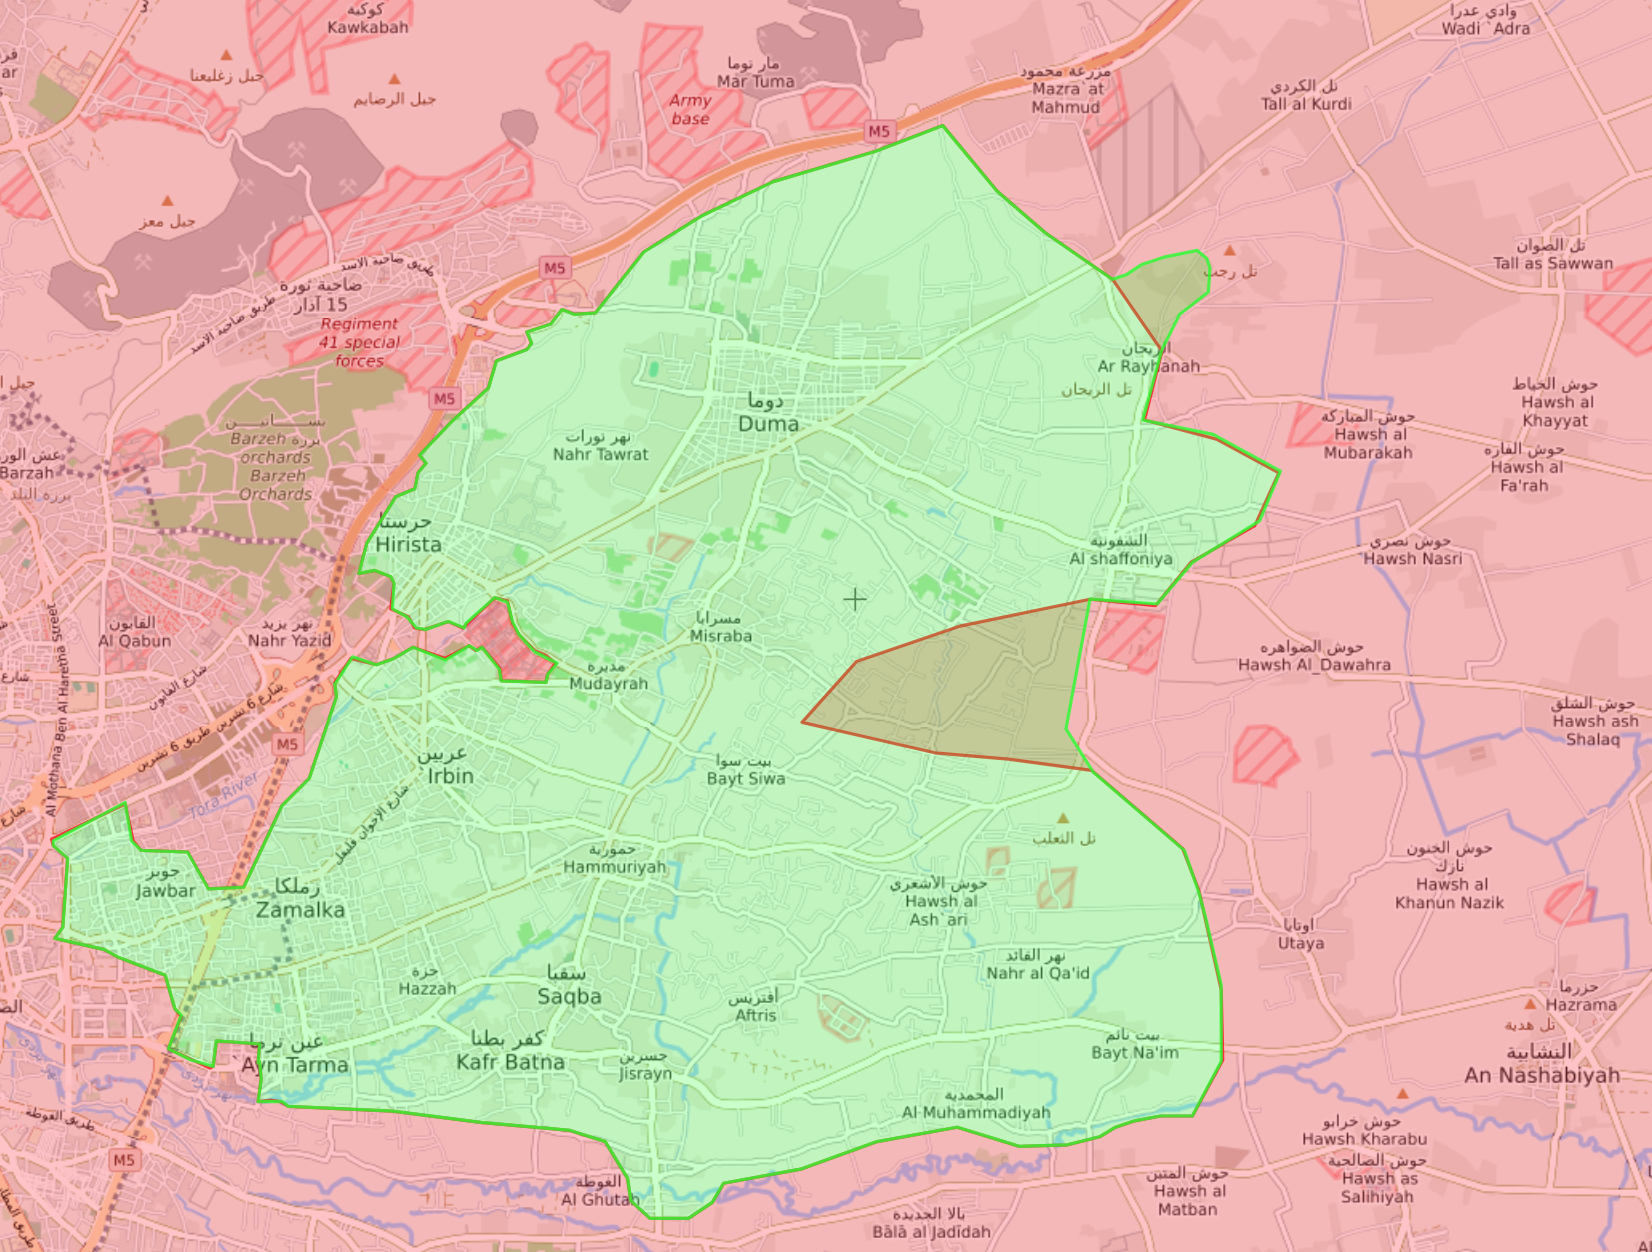 خريطة تظهر توزع السيطرة في الغوطة الشرقية - 4 آذار 2018 (livemap)